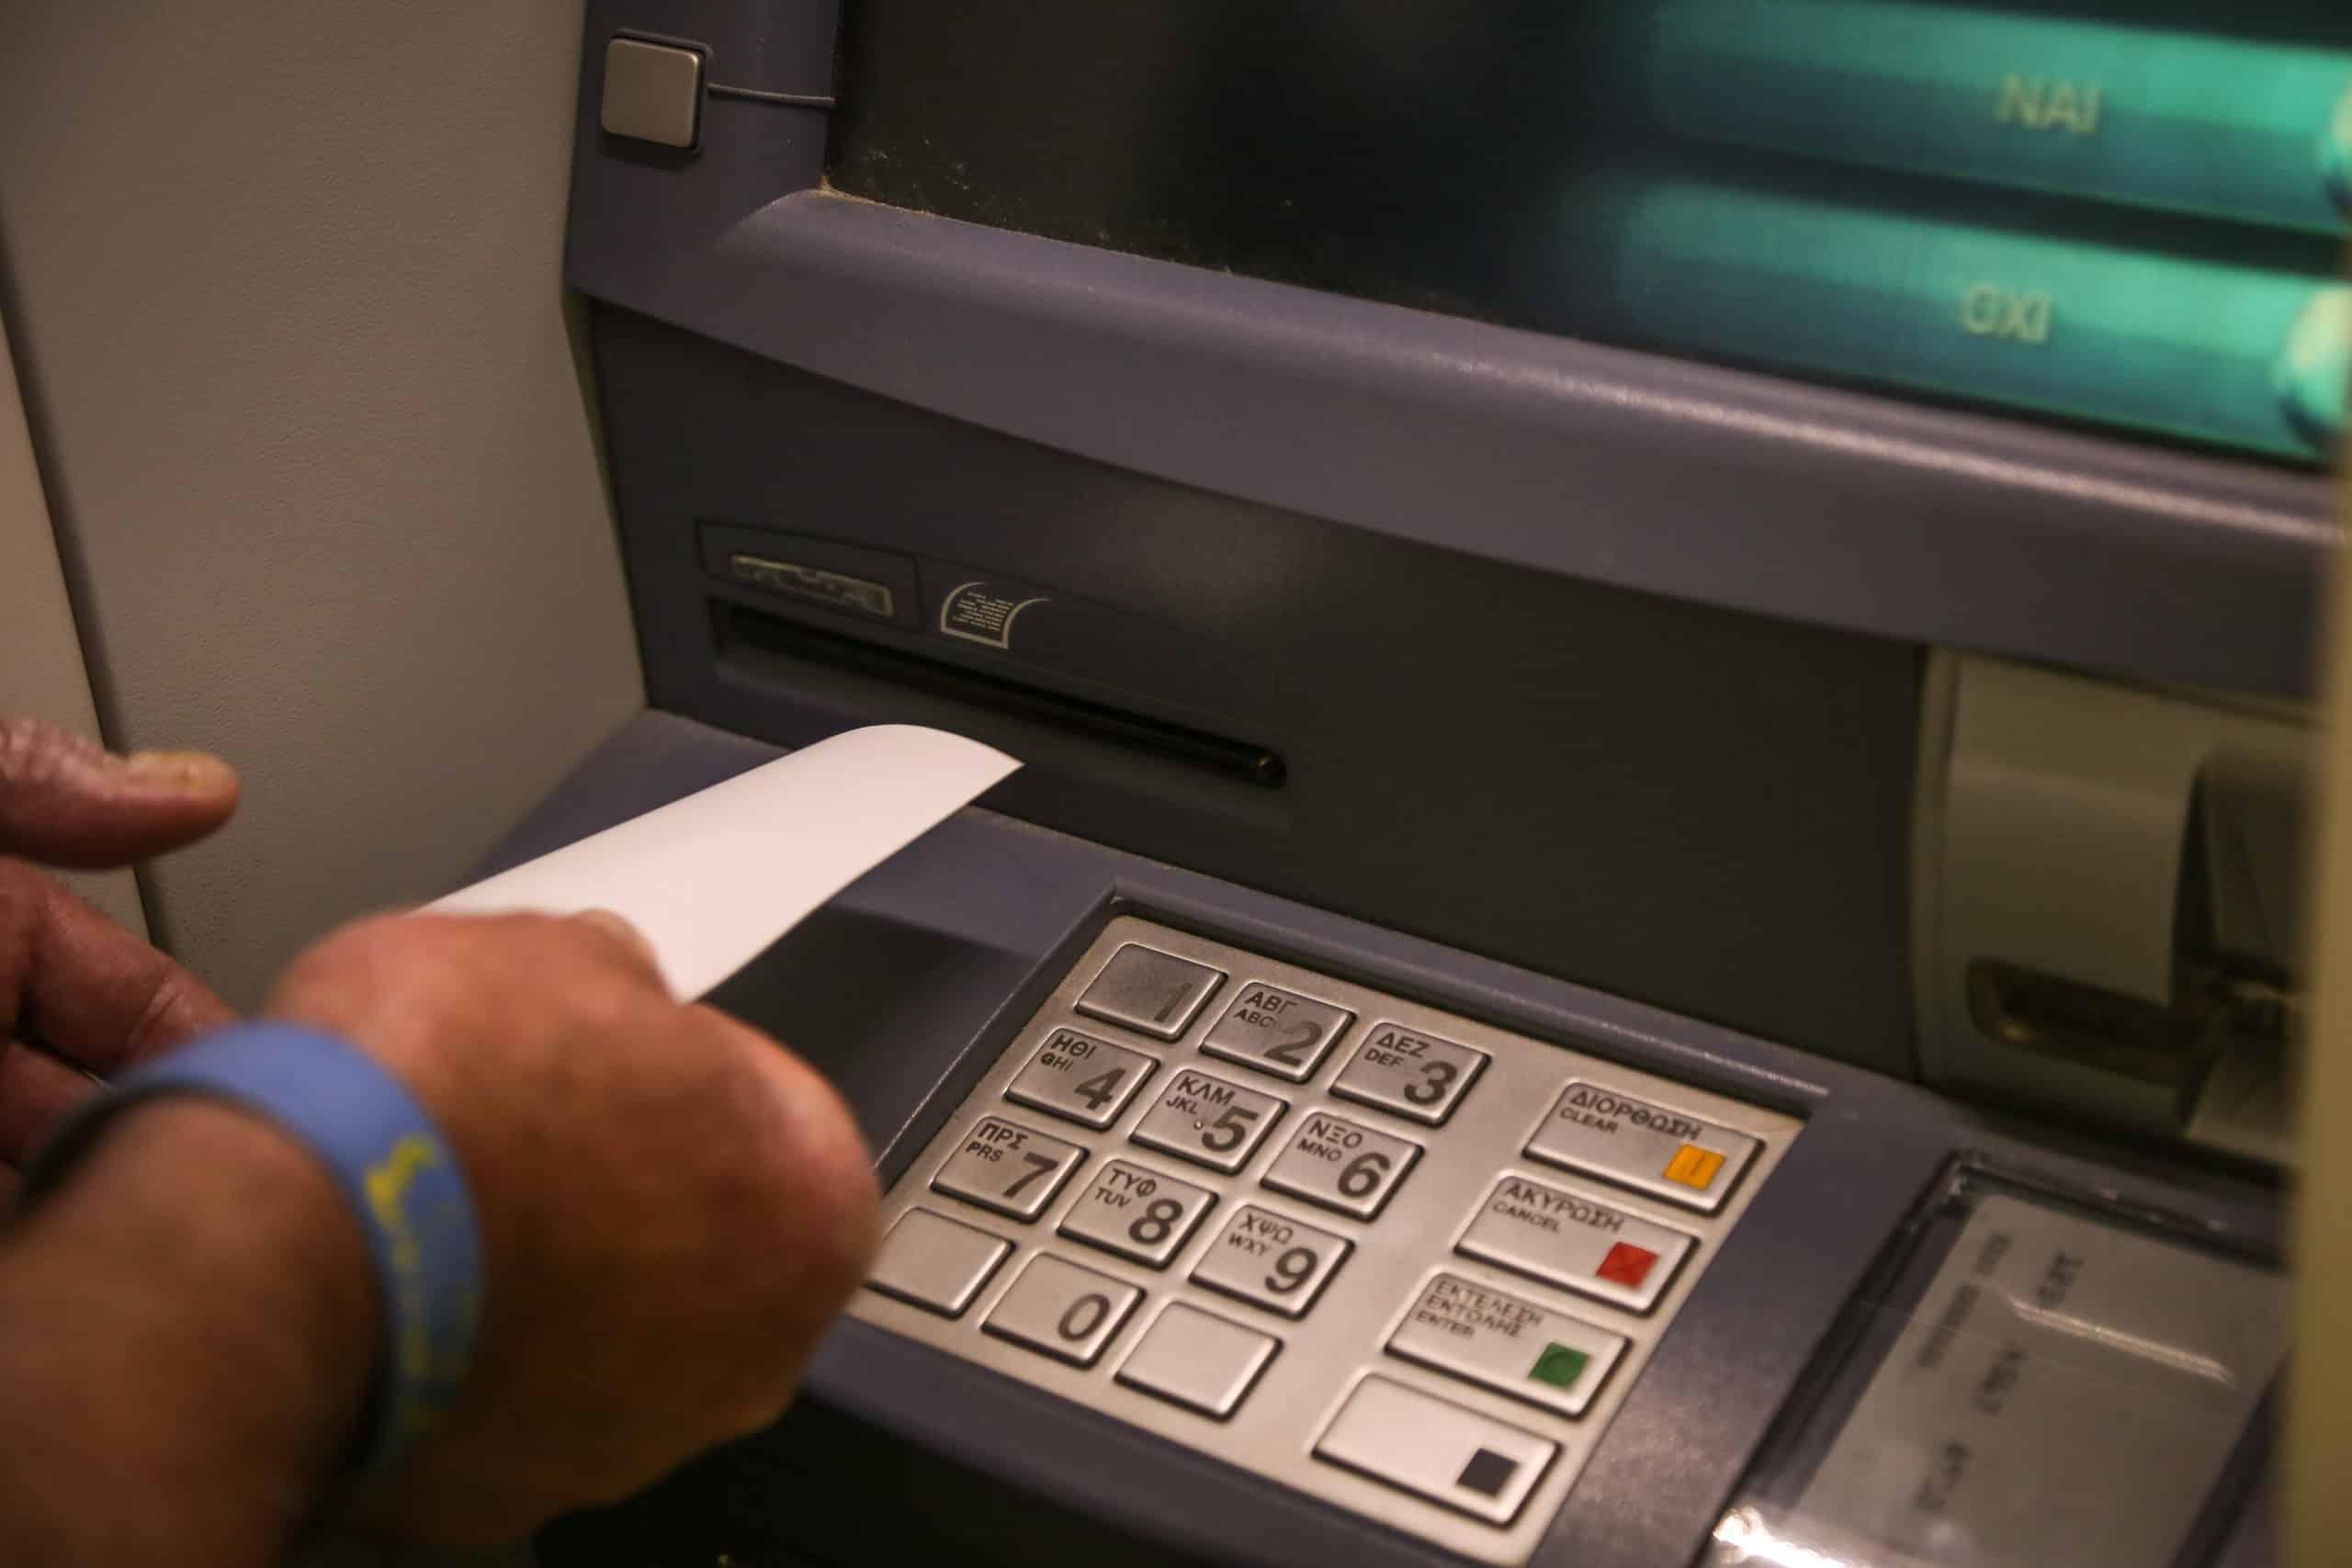 Όριο ανάληψης από τα ΑΤΜ: Τι ισχύει σύμφωνα με τις Τράπεζες